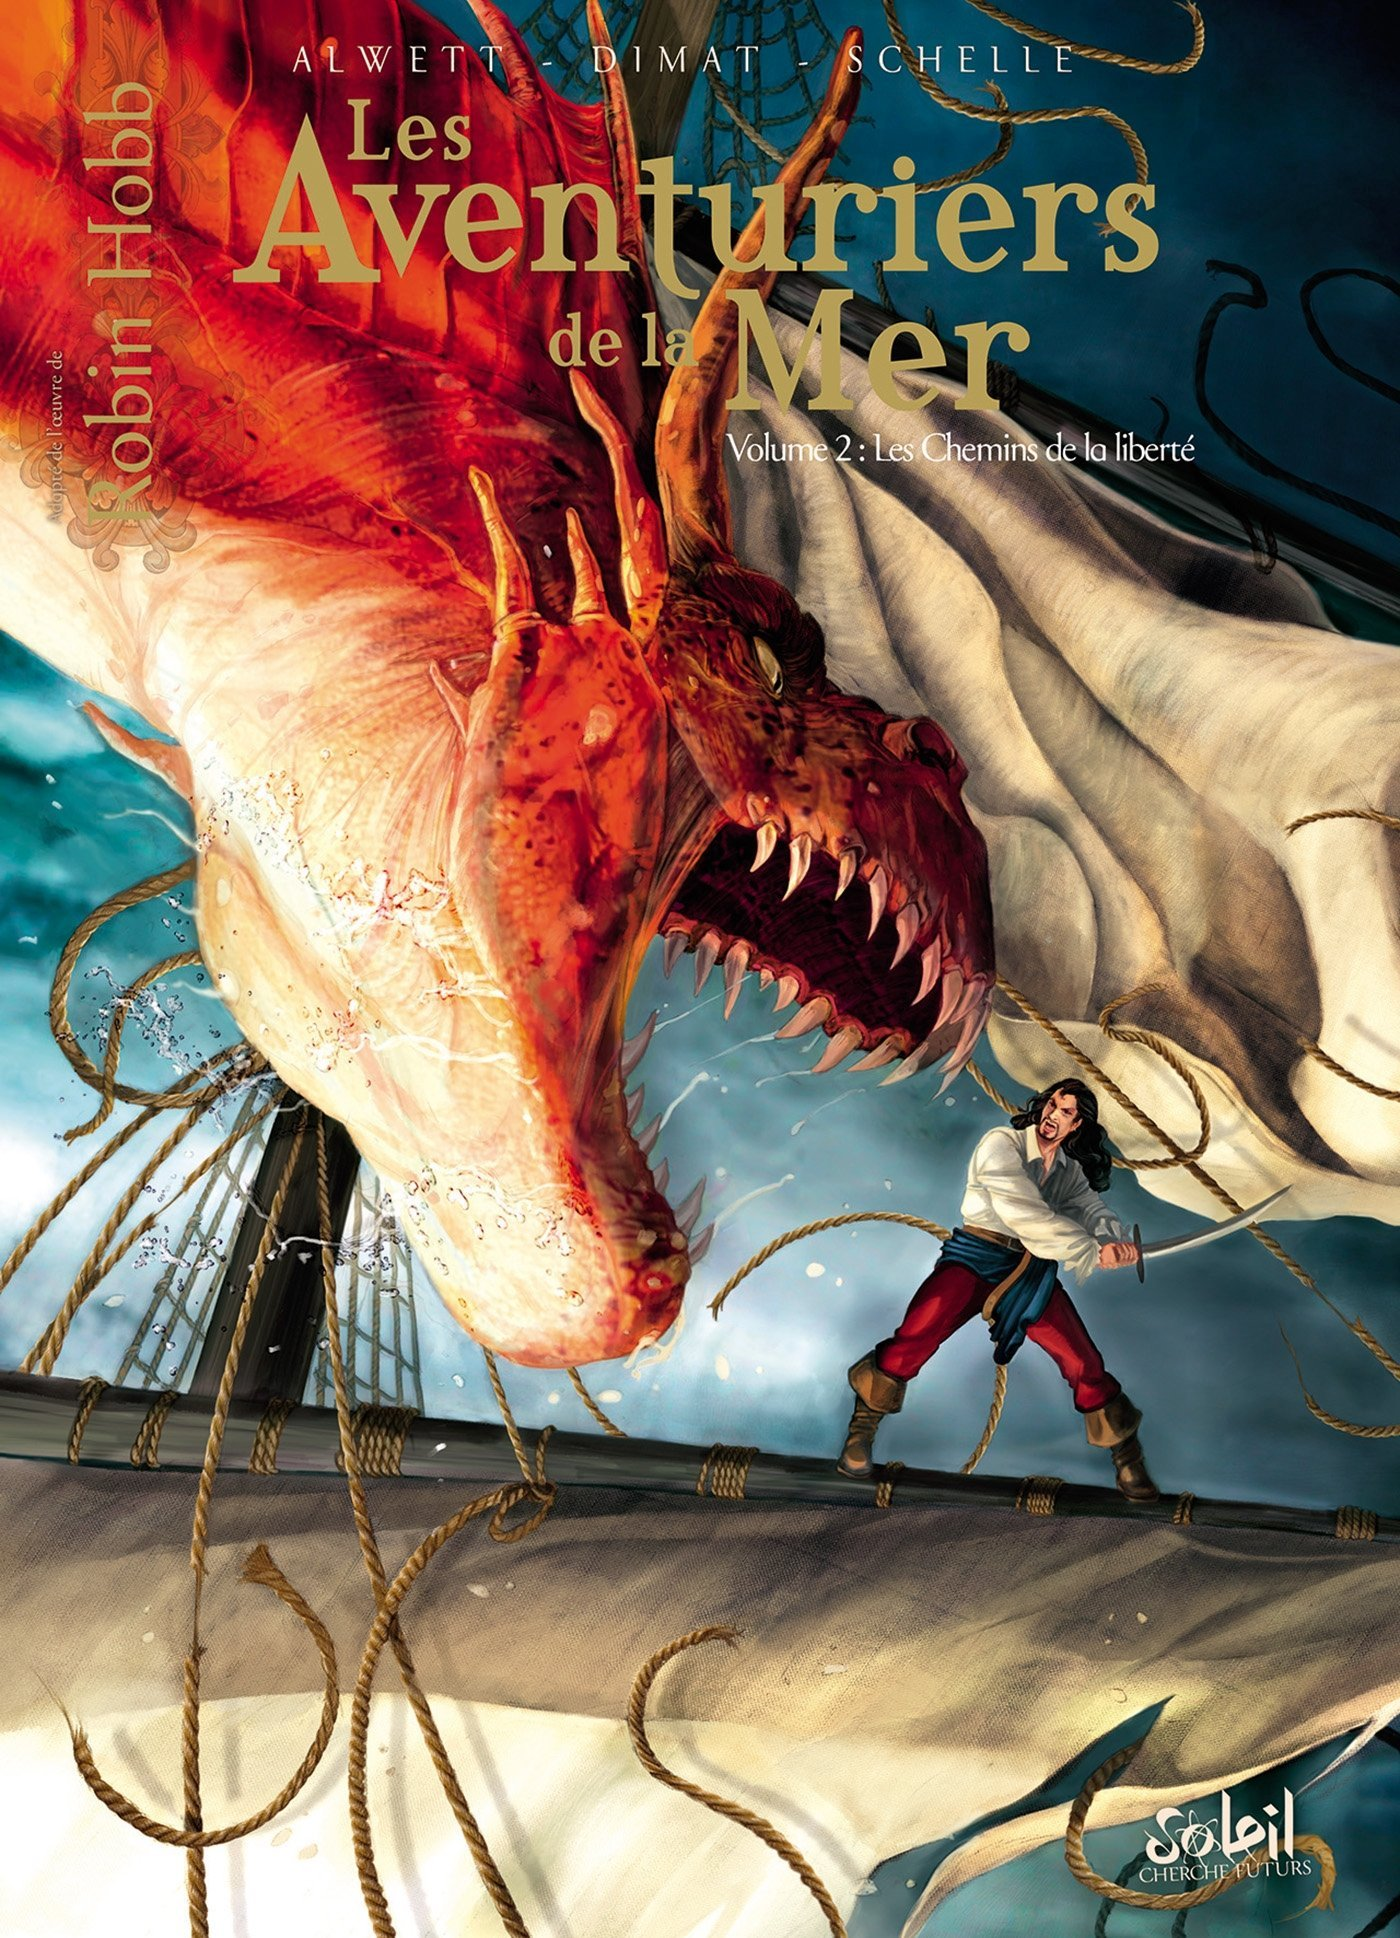 Les aventuriers de la Mer - Tome 2 : Les chemins de la liberté